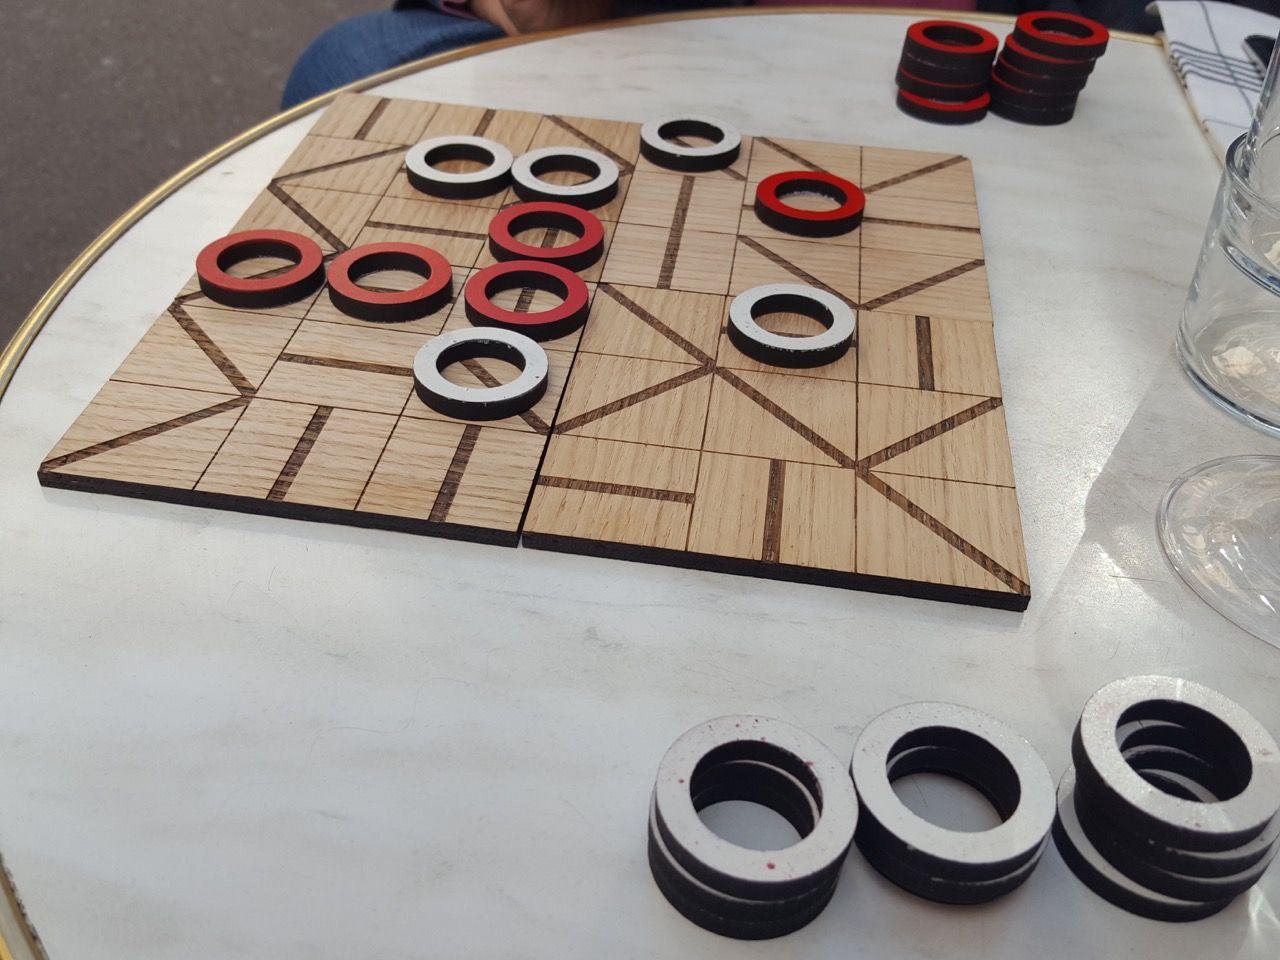 Insert, un proto d'un jeu abstrait pour 2 joueurs d'une dizaine de minutes de Bruno Cathala, on en reparlera sur le off... Le serveur mourrait d'envie d'en faire une !